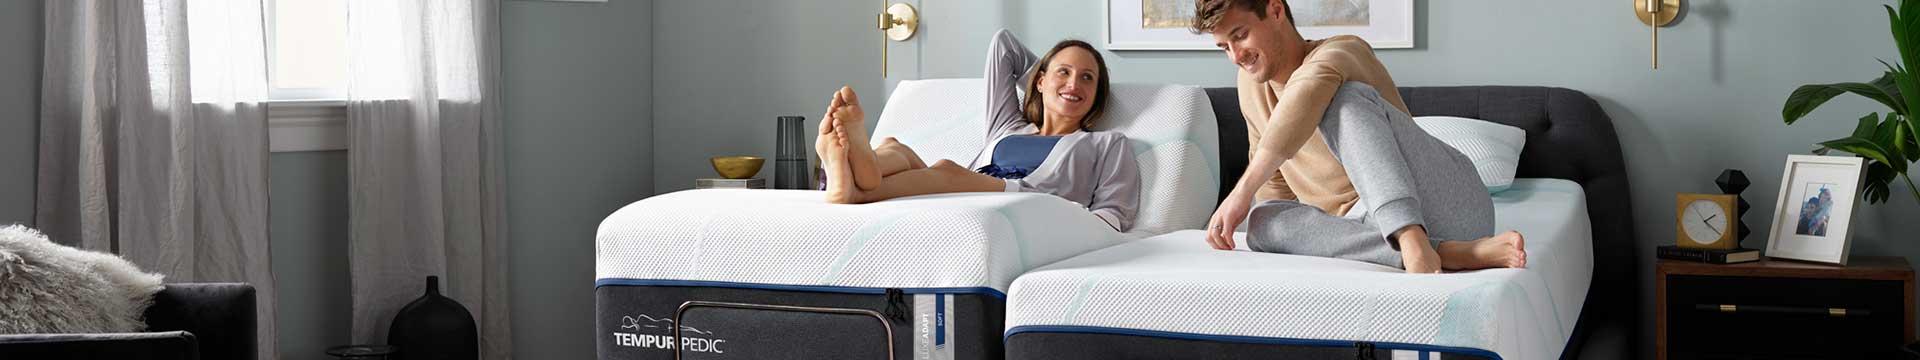 Tempur-Pedic dual adjustable king mattress